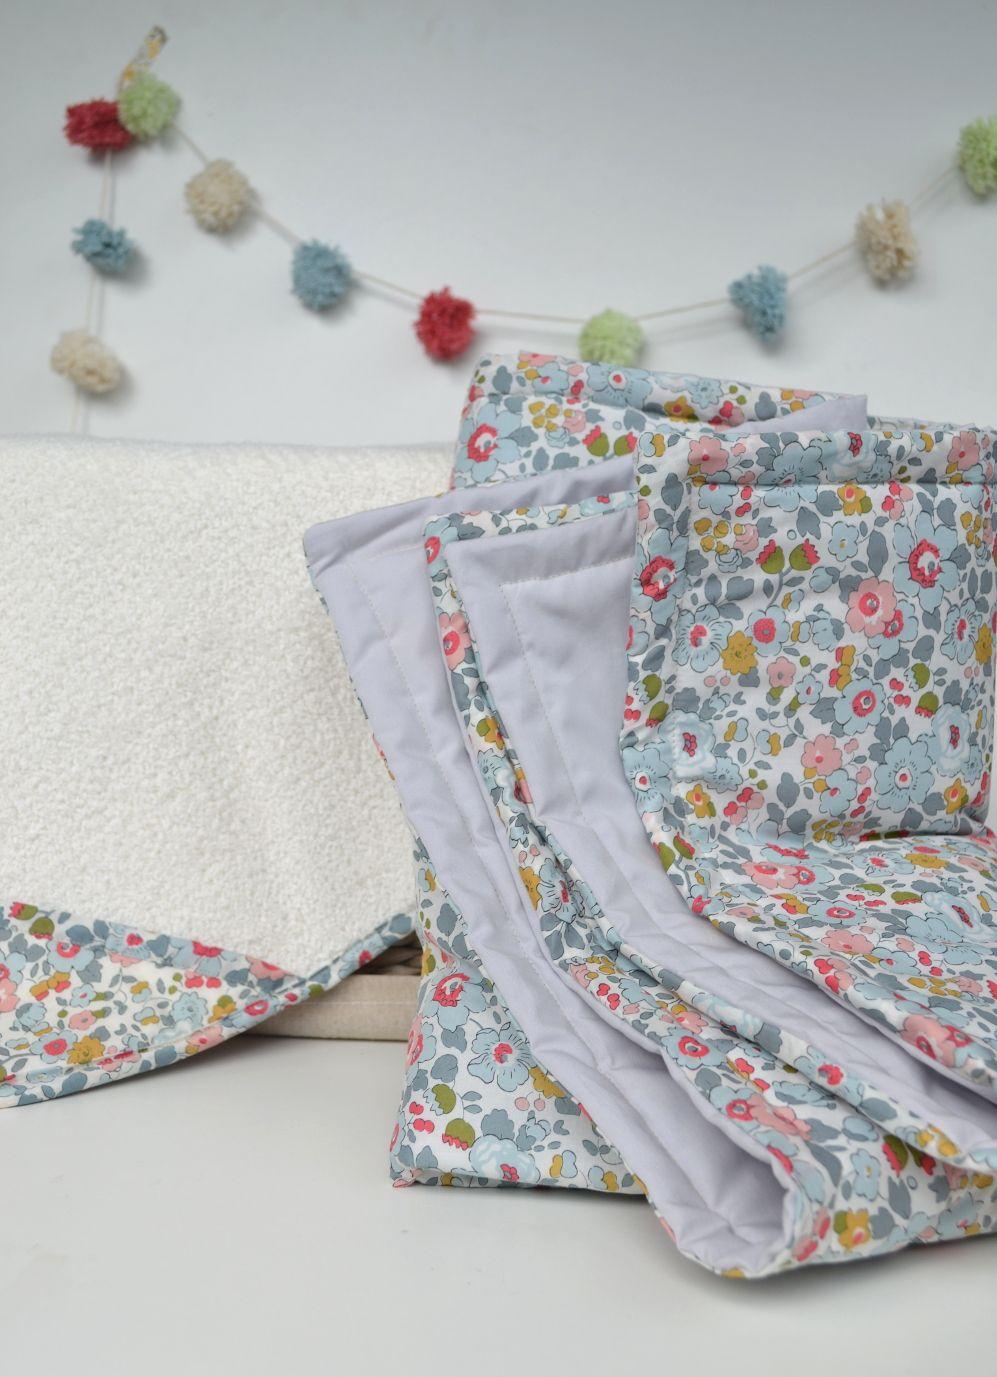 couverture liberty cadeaux naissance couture trousseau naissance pinterest cadeau. Black Bedroom Furniture Sets. Home Design Ideas